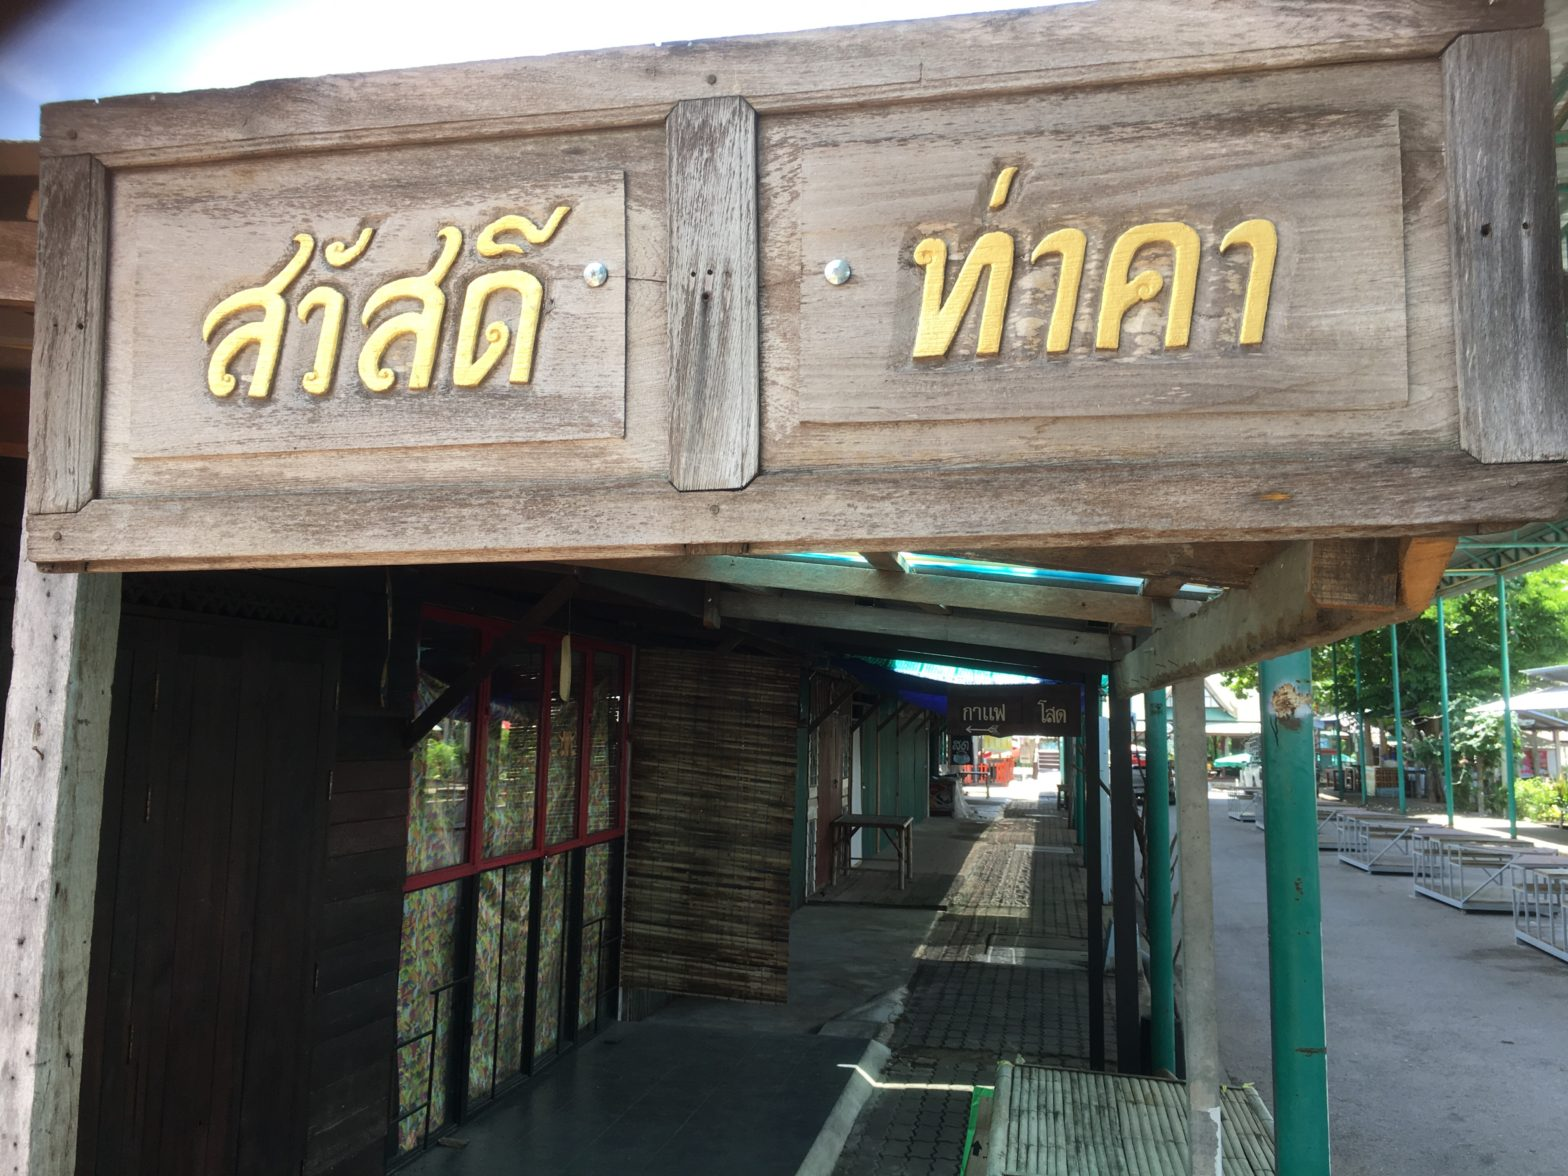 เที่ยวตลาดน้ำท่าคา อ.อัมพวา 2020 รีสอร์ทอัมพวา บ้านสวนนวลตา พาชิล 5 (4)